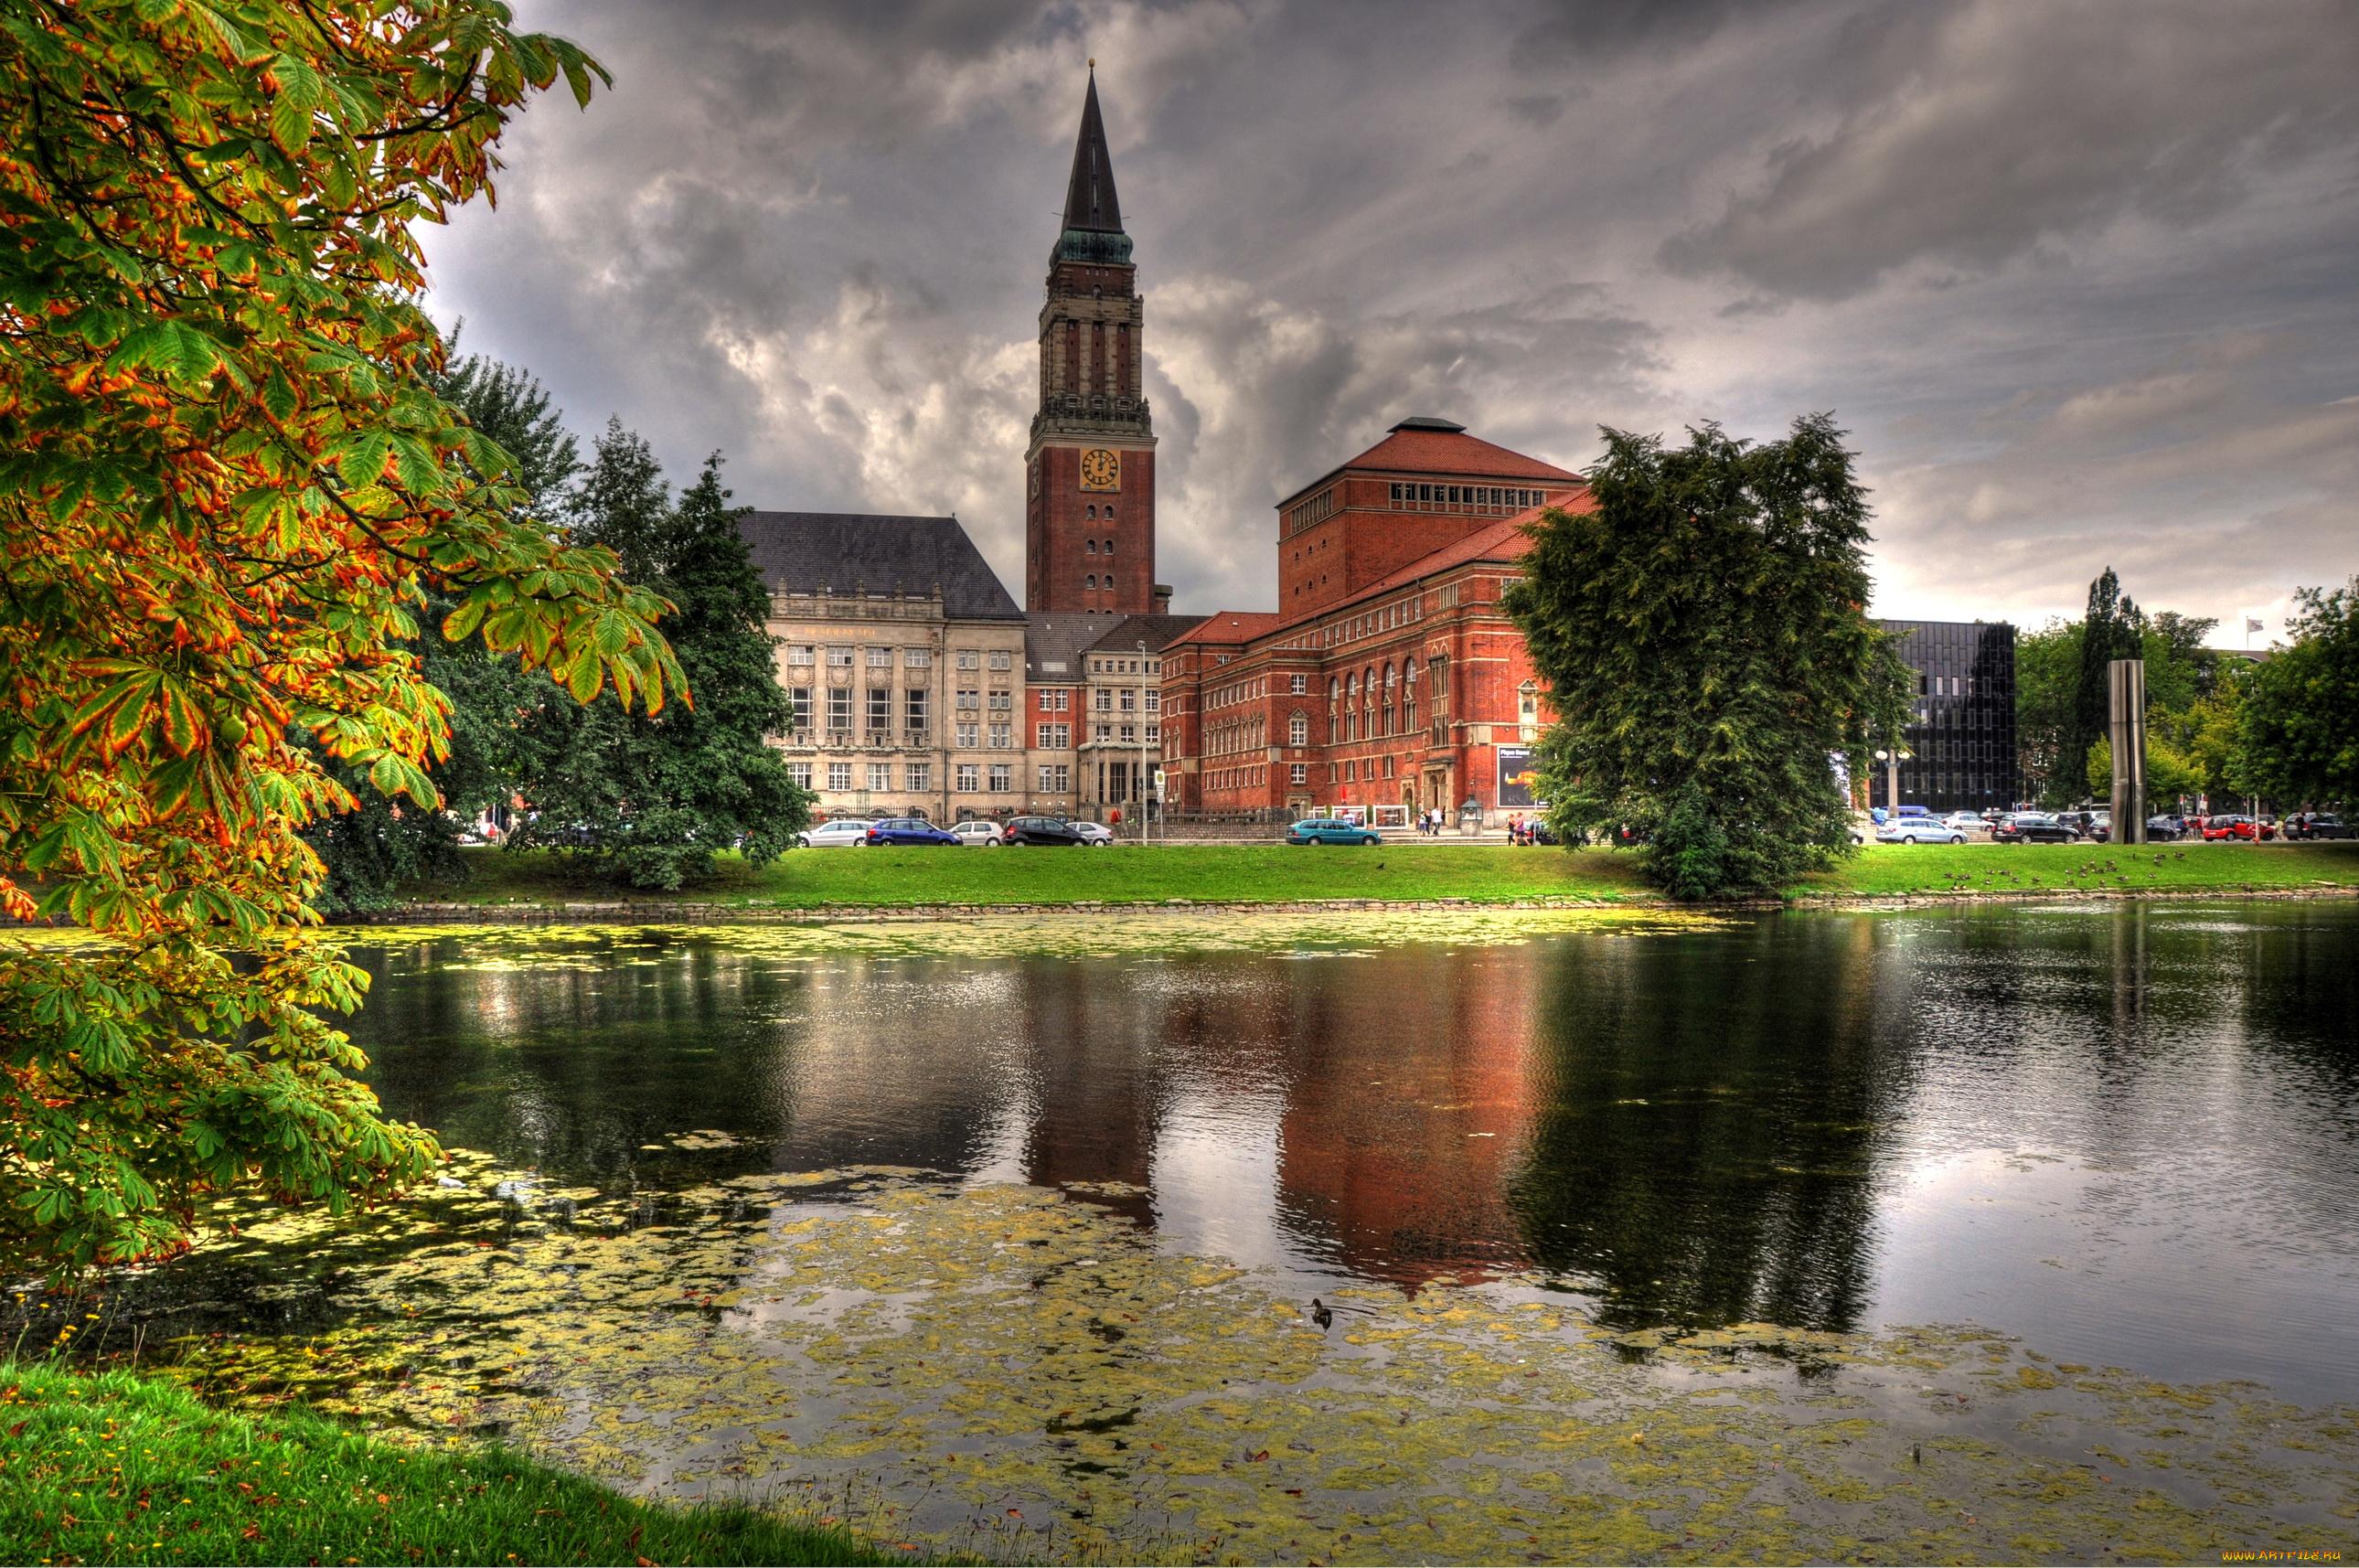 Галле (город, Германия) — Википедия